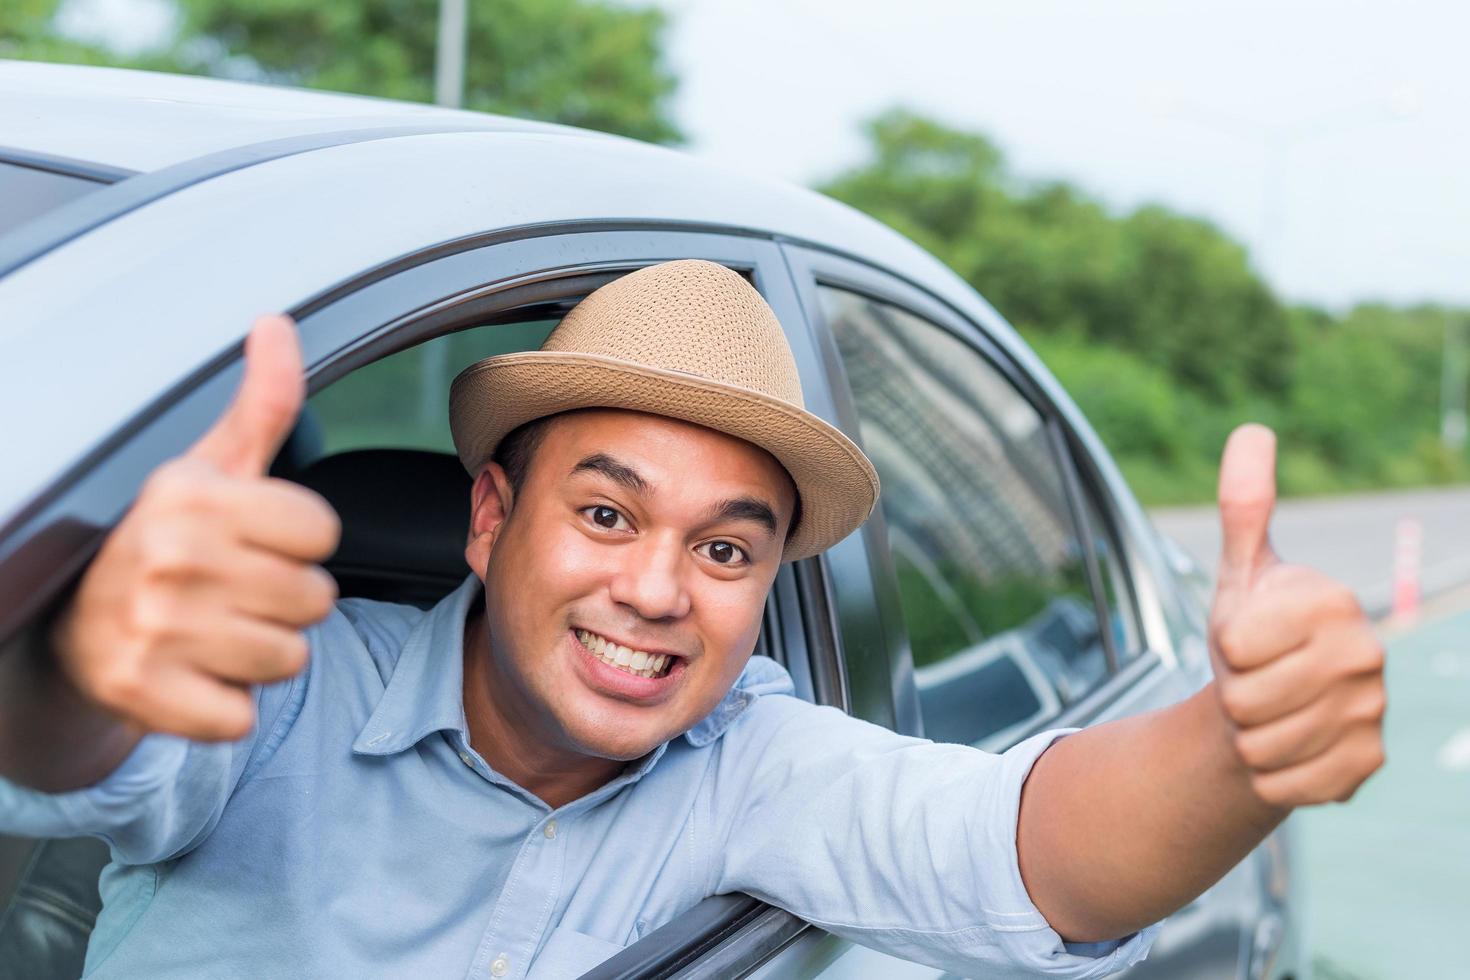 manlig förare som ger tummen upp foto